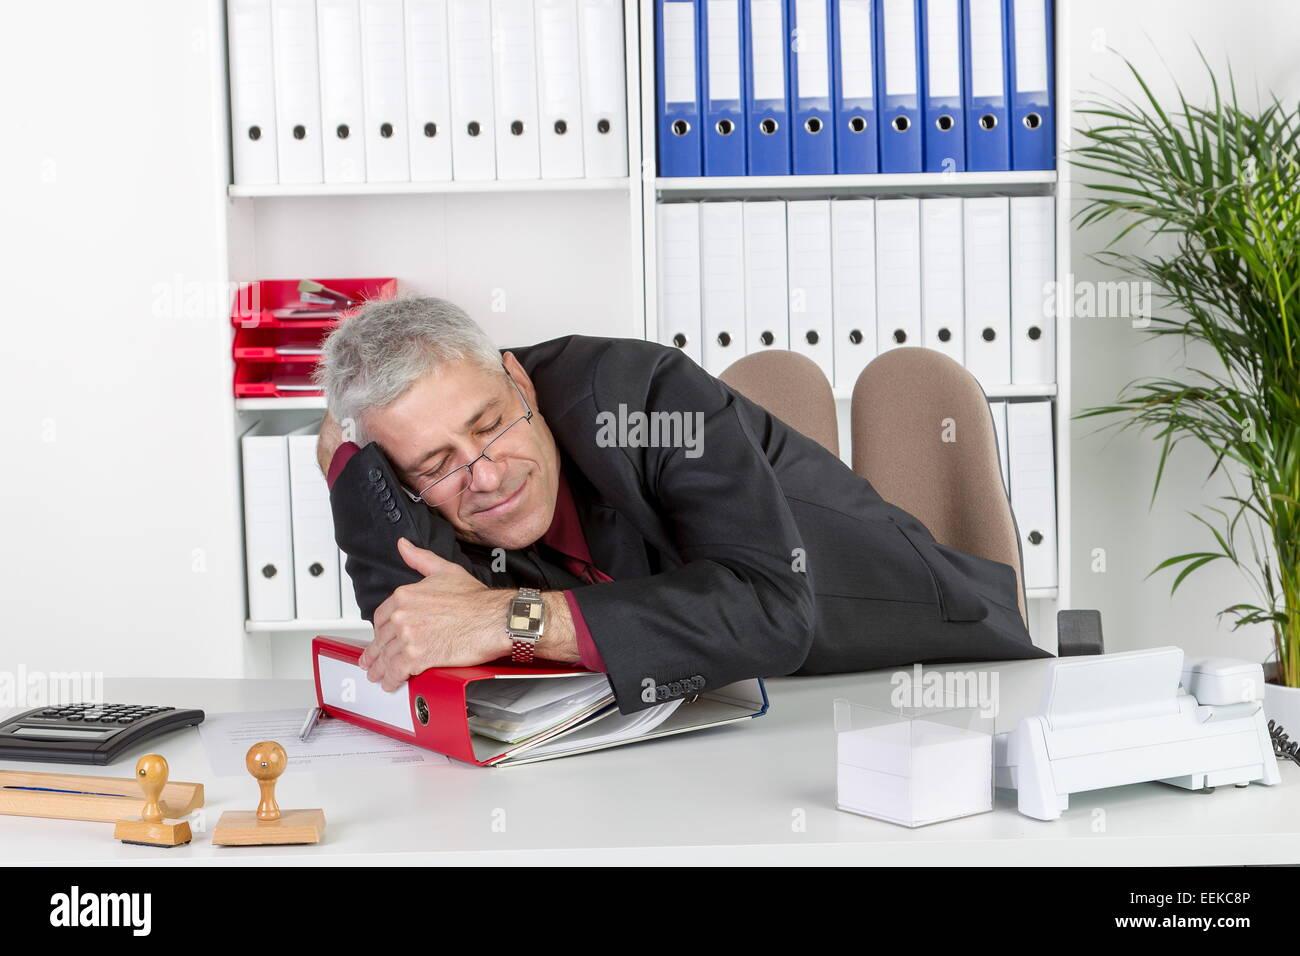 Mann mittleren Alters sitzt im Büro, liegt auf Akternordnern und schläft, Middle-aged man, sitting in - Stock Image